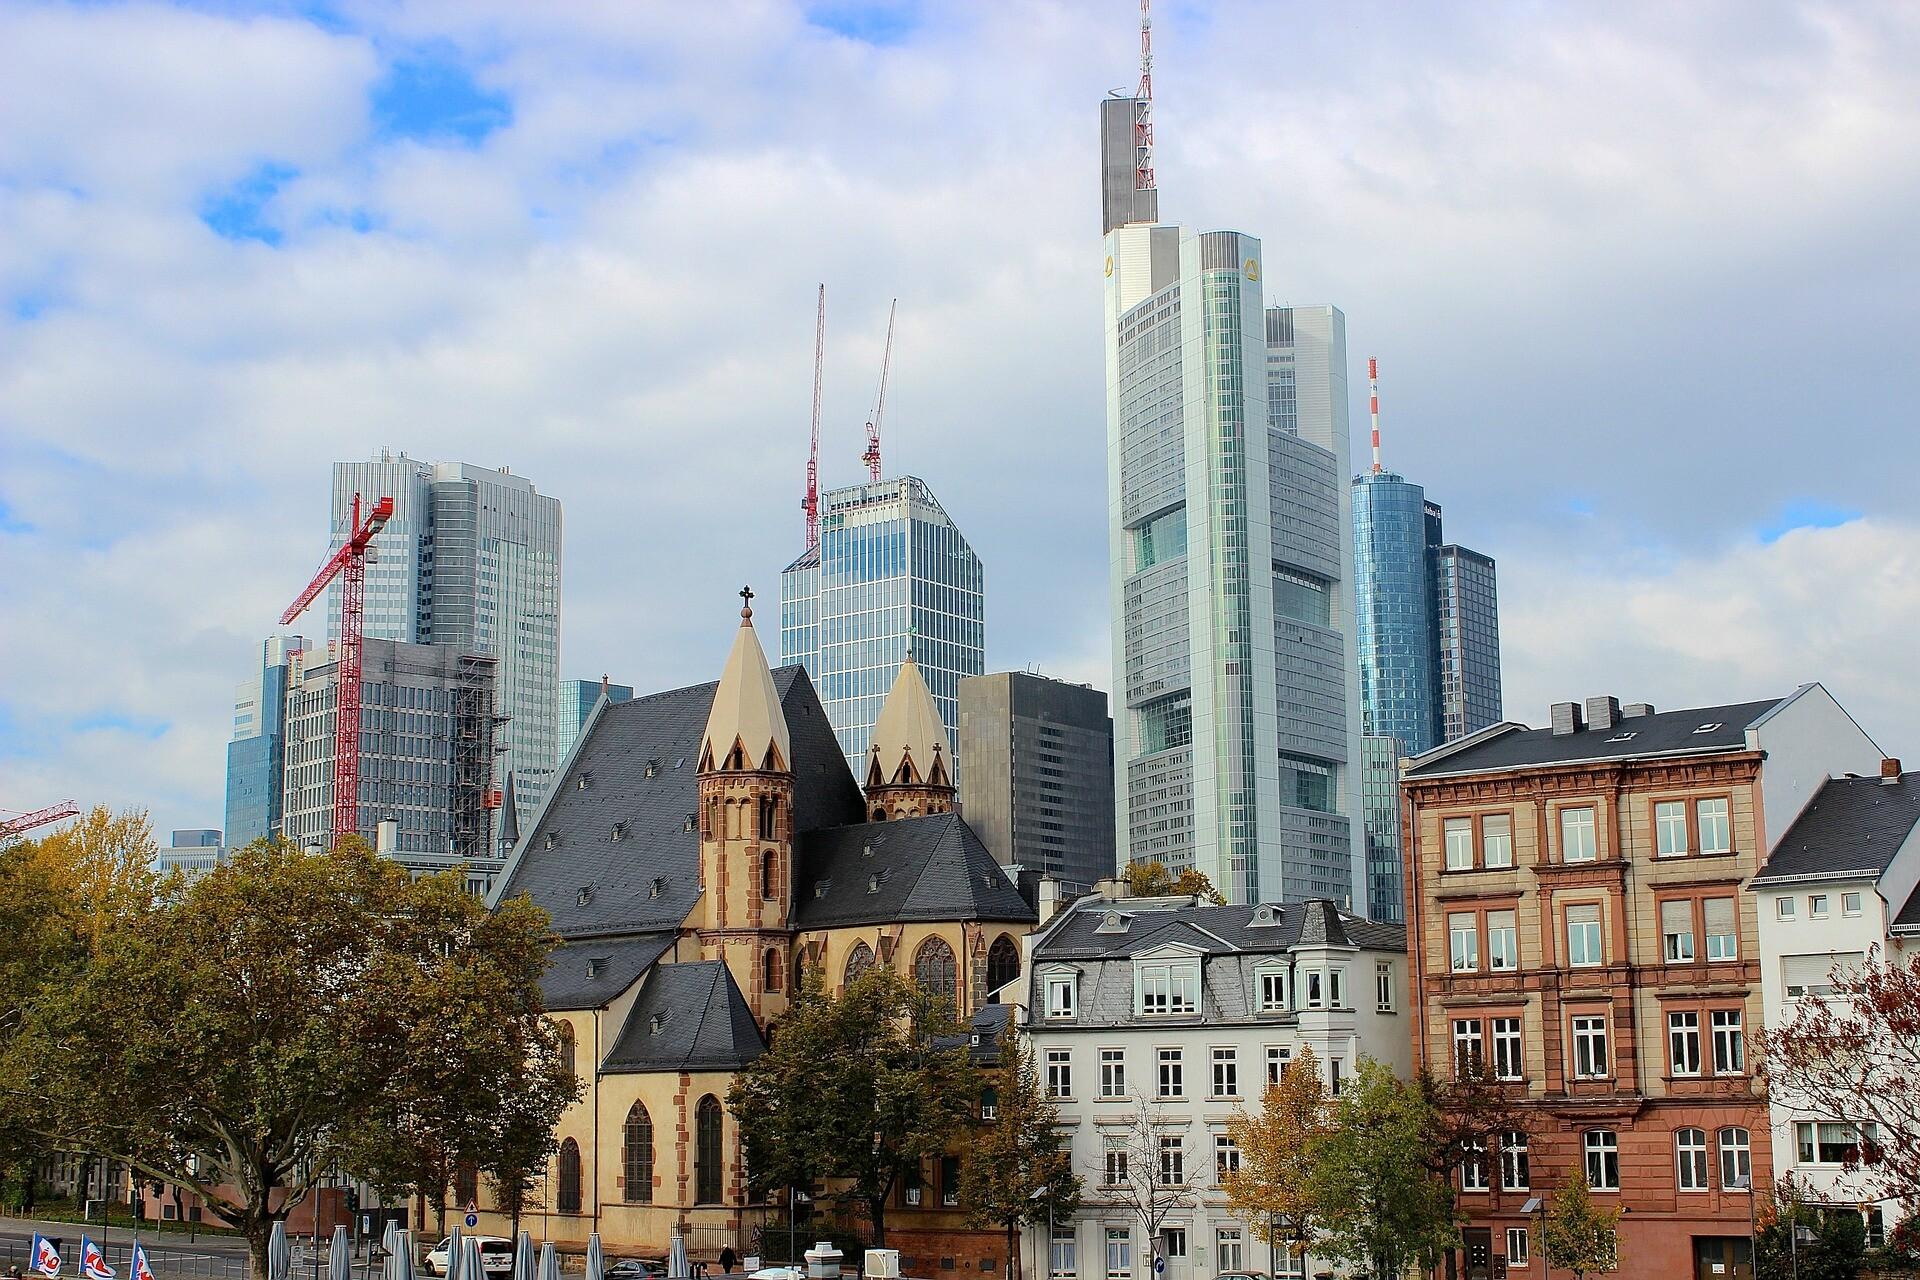 Rascacielos de Fránkfurt frente a viviendas clásicas alemanas.